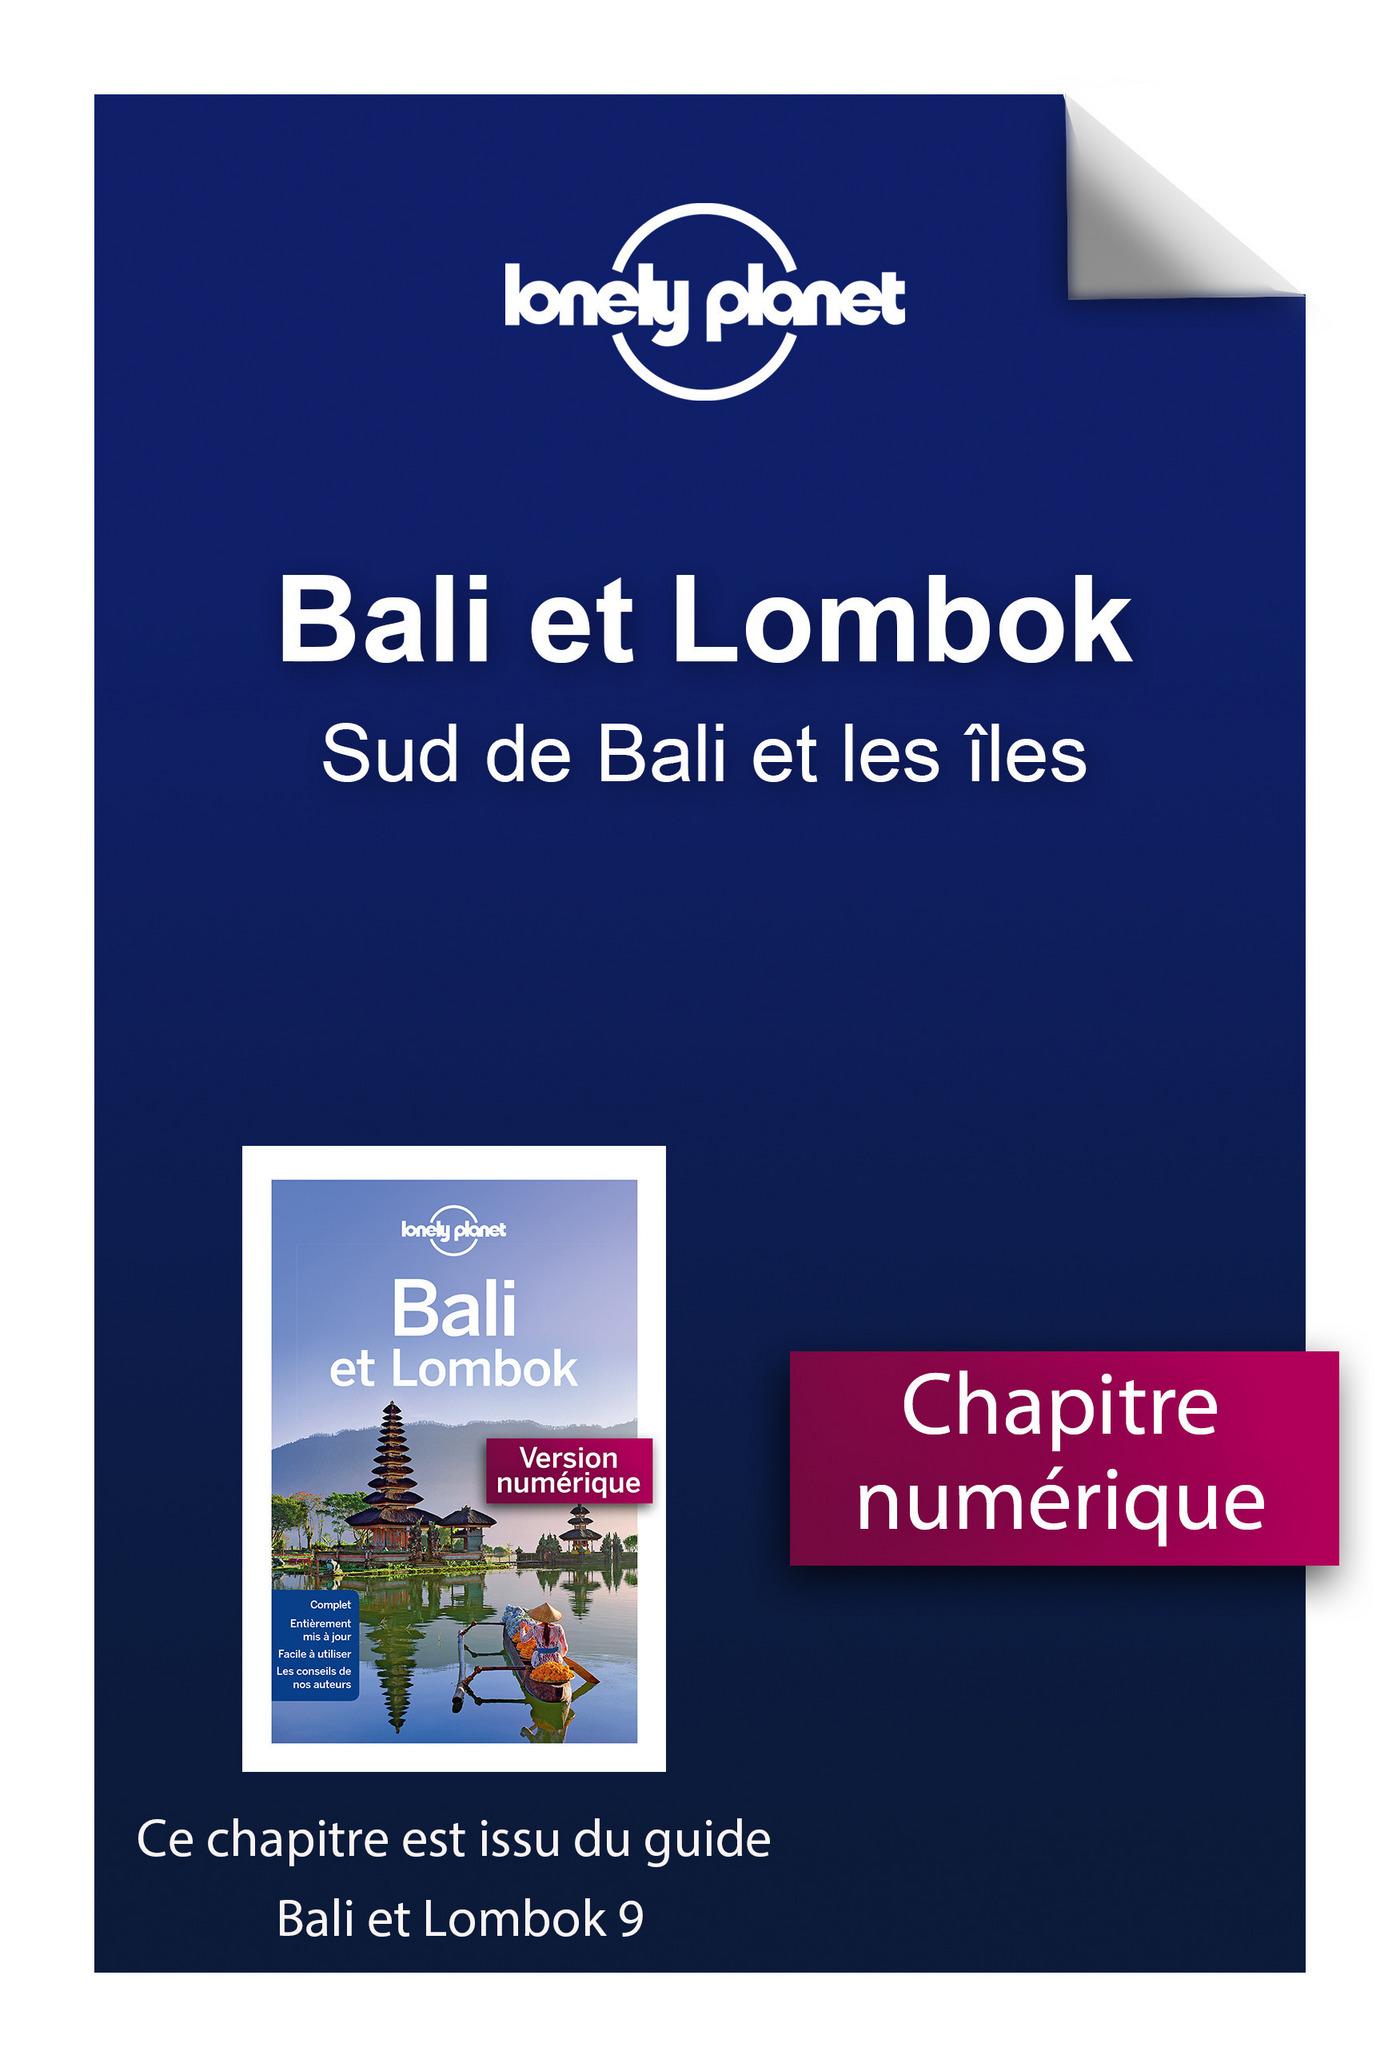 Bali et Lombok 9 - Sud de Bali et les îles